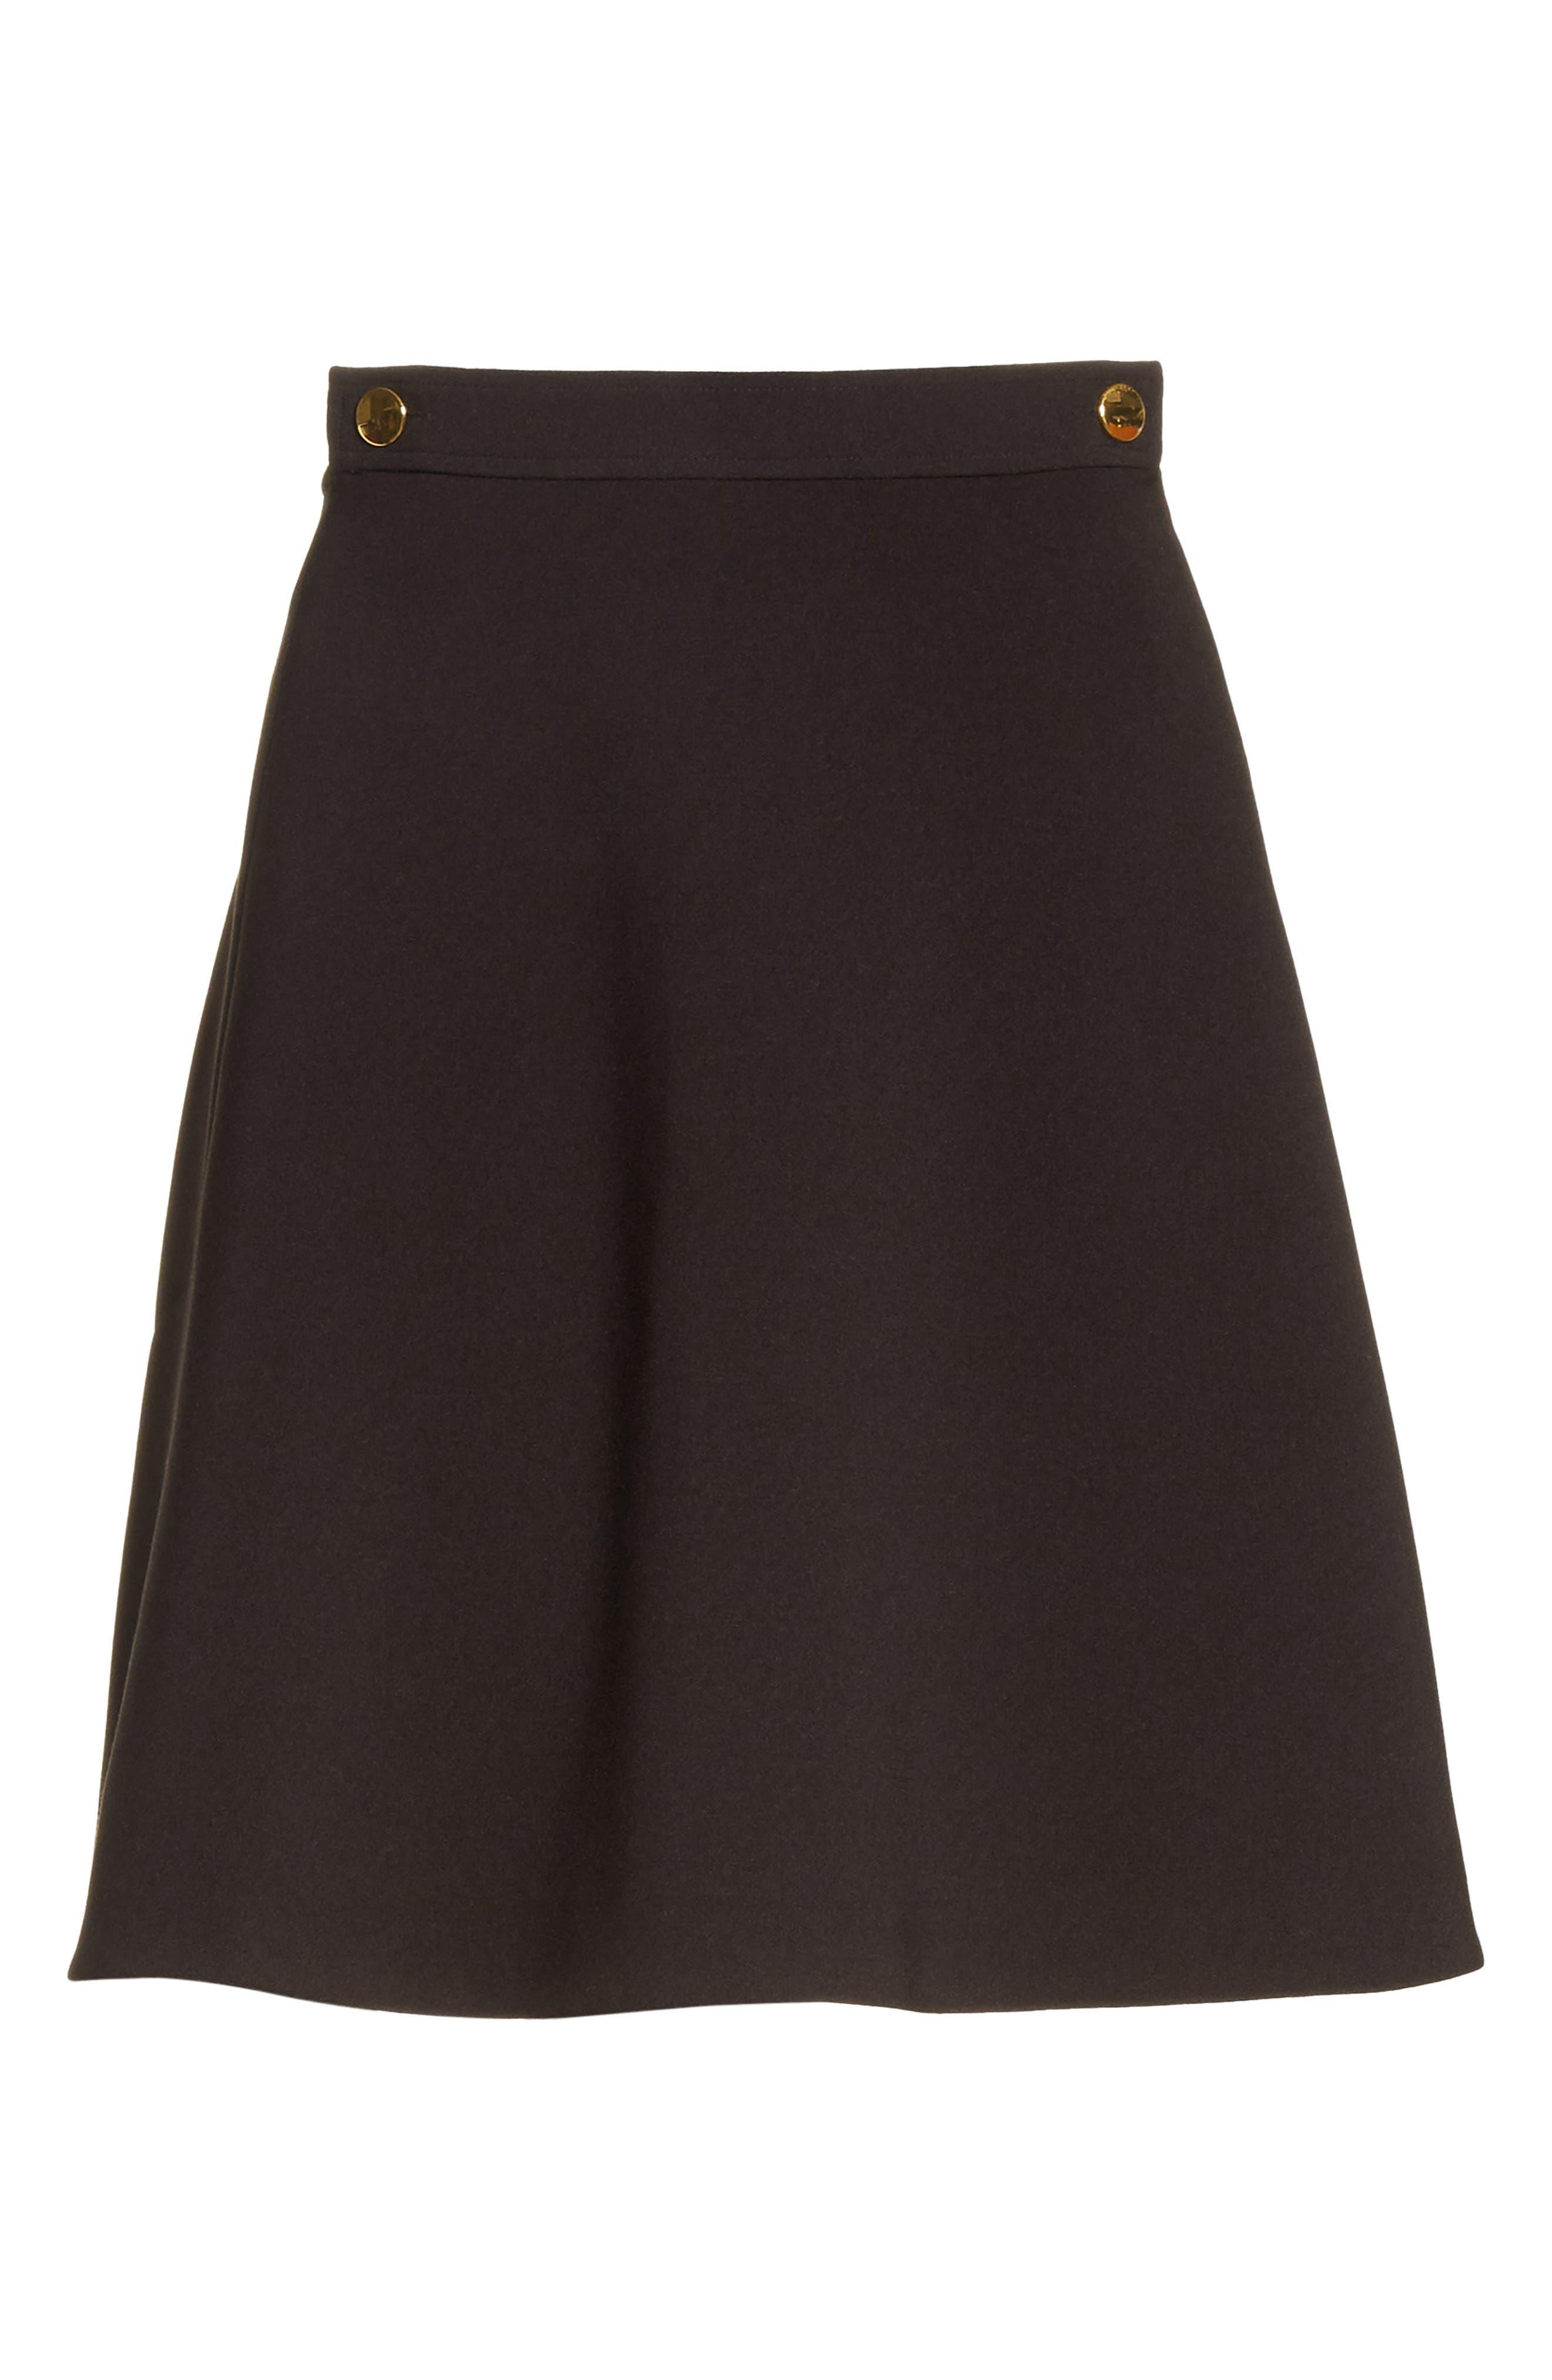 crepe military skirt,                             Alternate thumbnail 6, color,                             Black